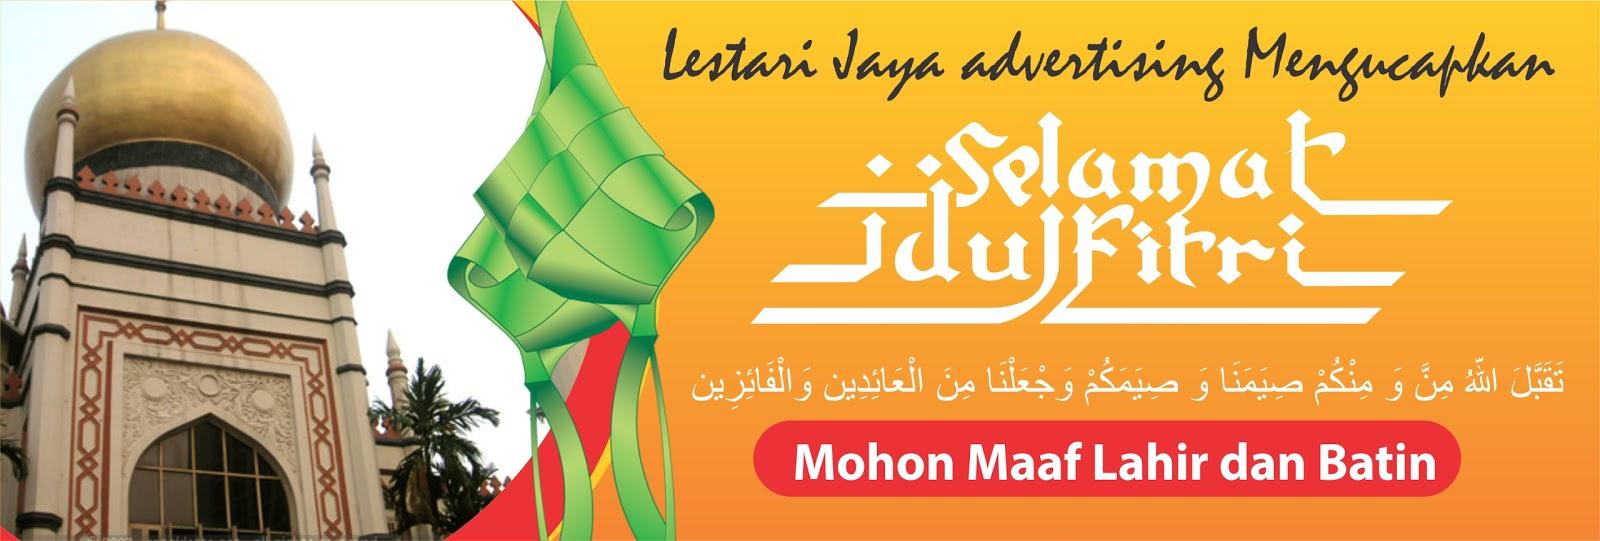 Lestari Jaya Advertising: Contoh Spanduk Selamat Idul ...